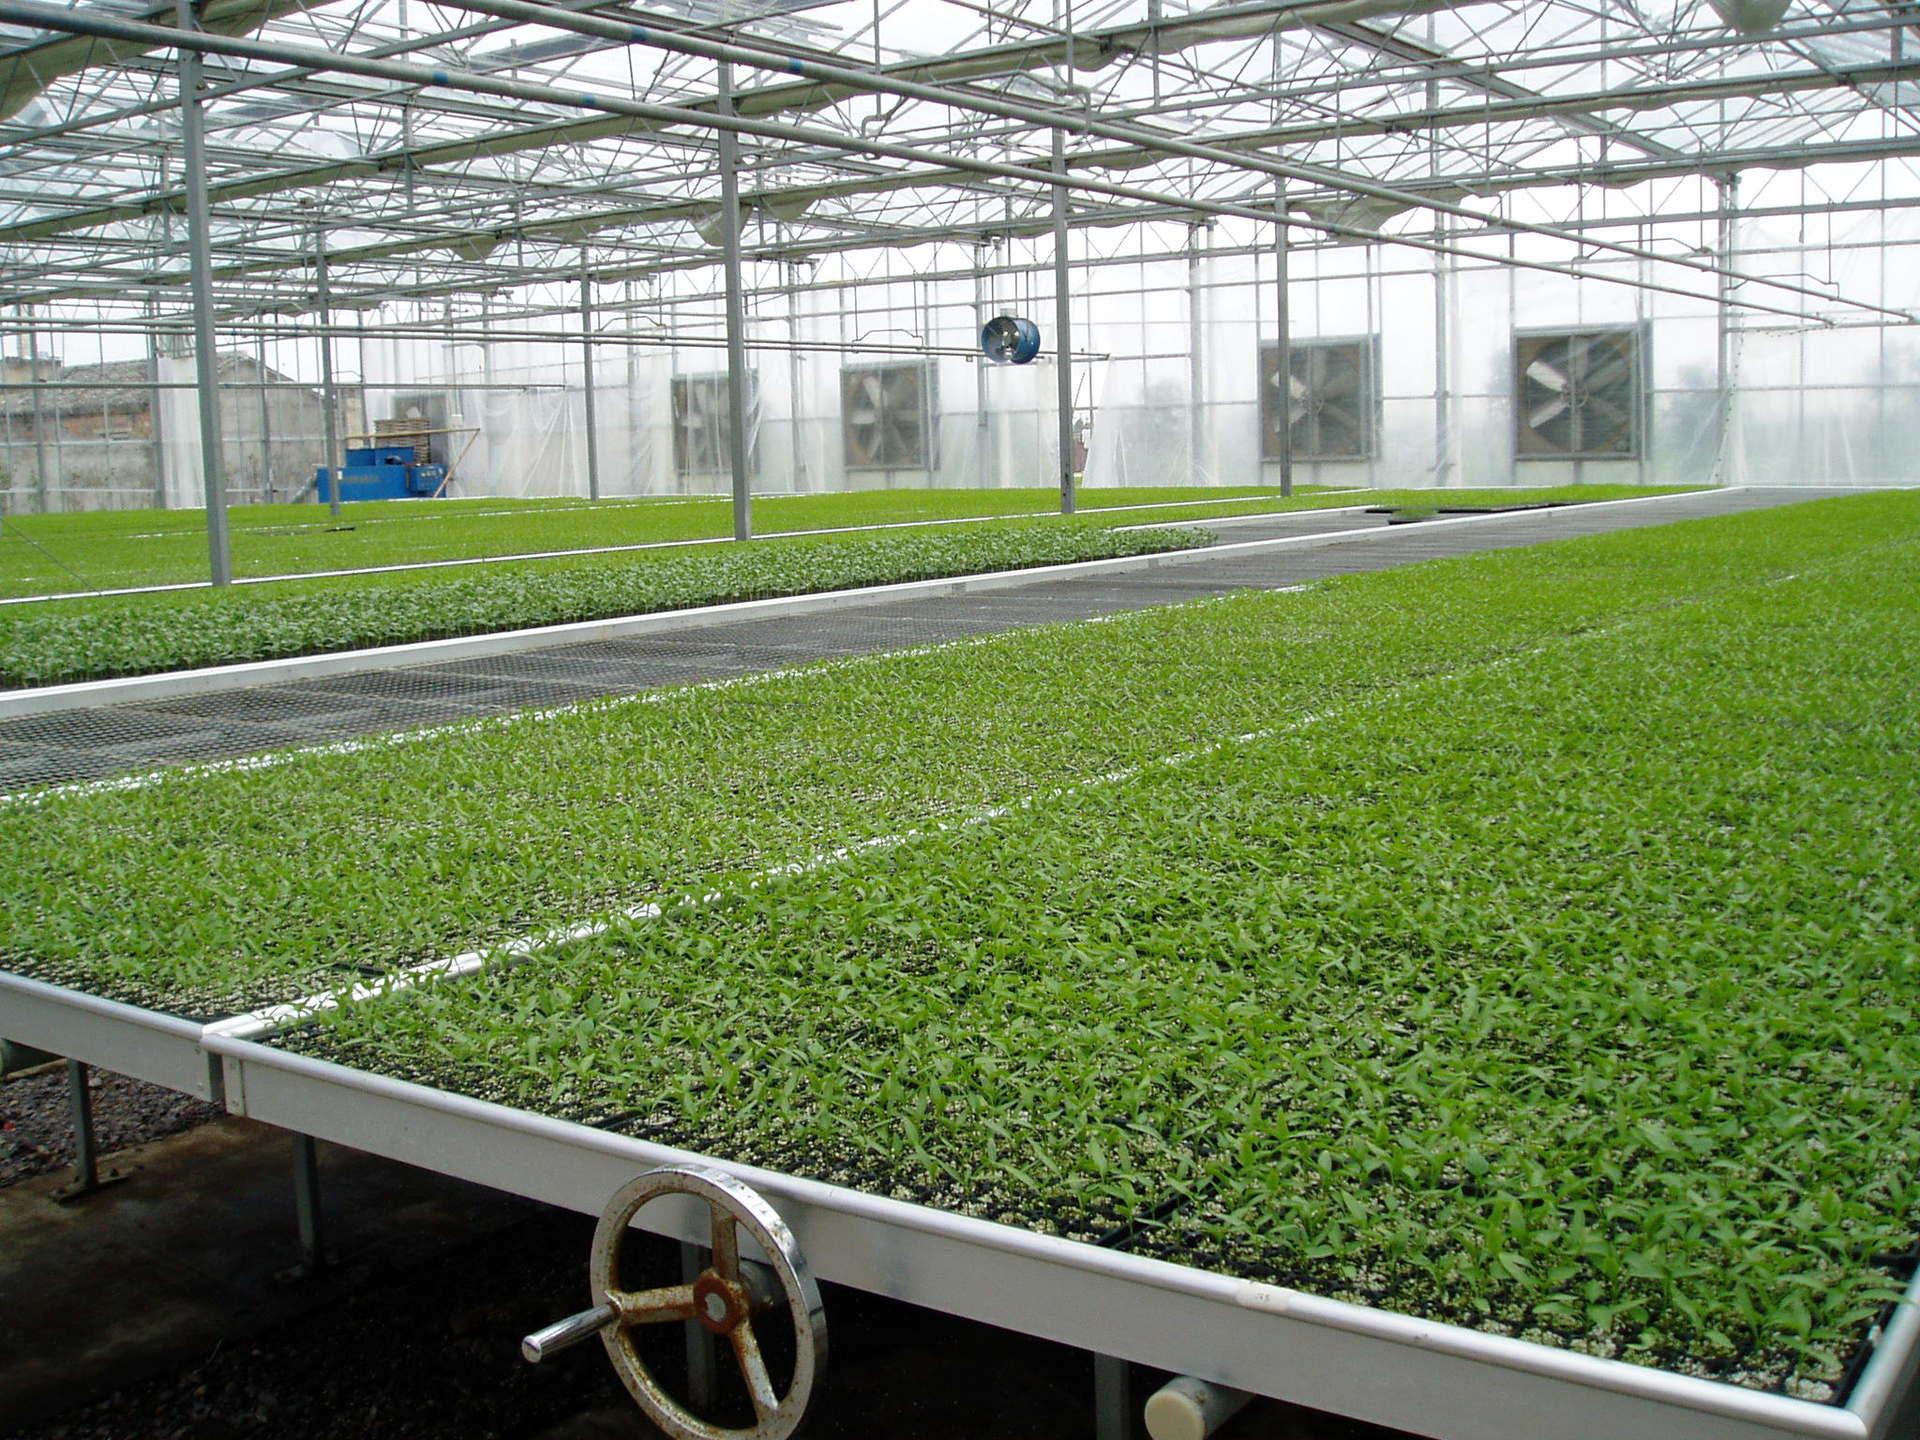 新型苗床温室建造-潍坊哪里有提供苗床温室建造